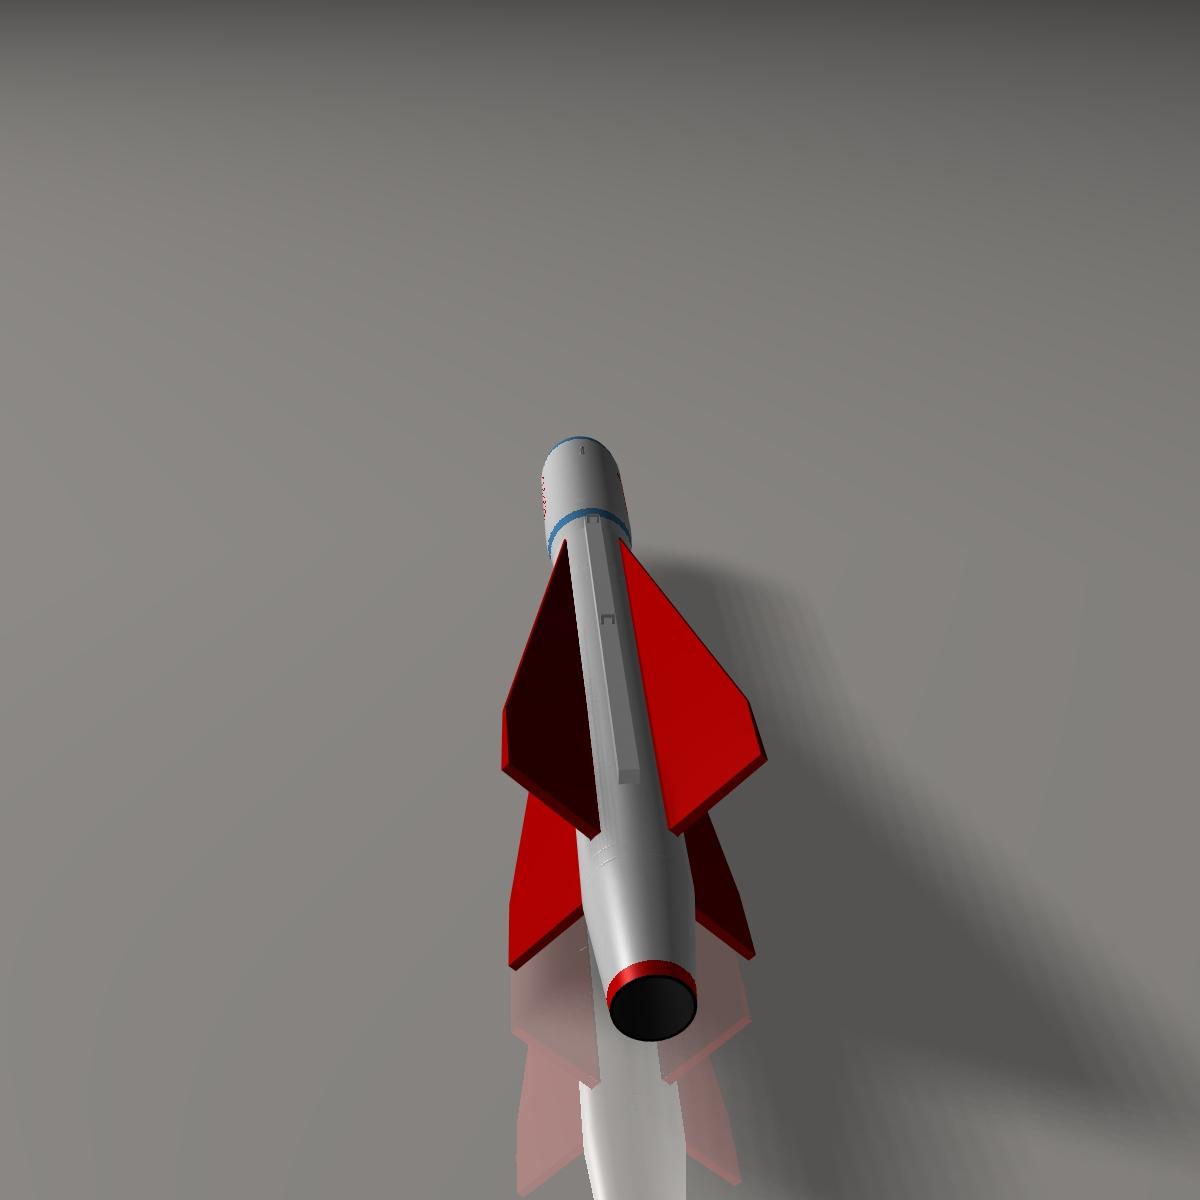 iranian yasser asm missile 3d model 3ds dxf cob x obj 150572